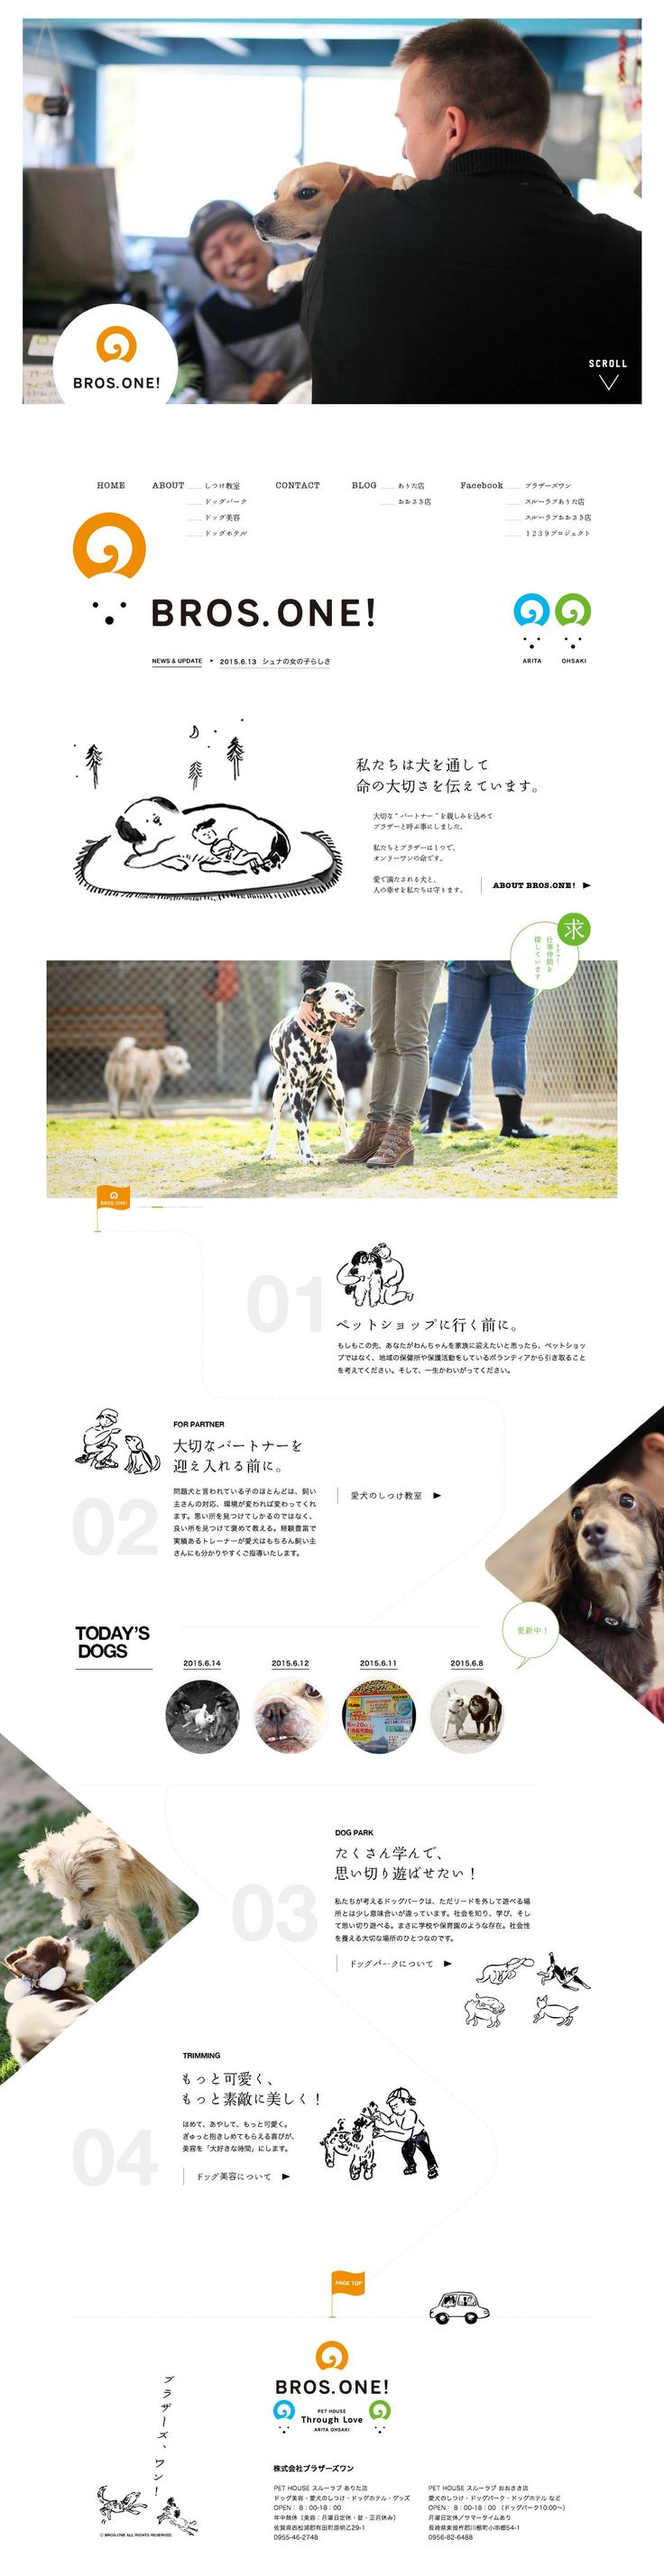 Japanese #webdesign